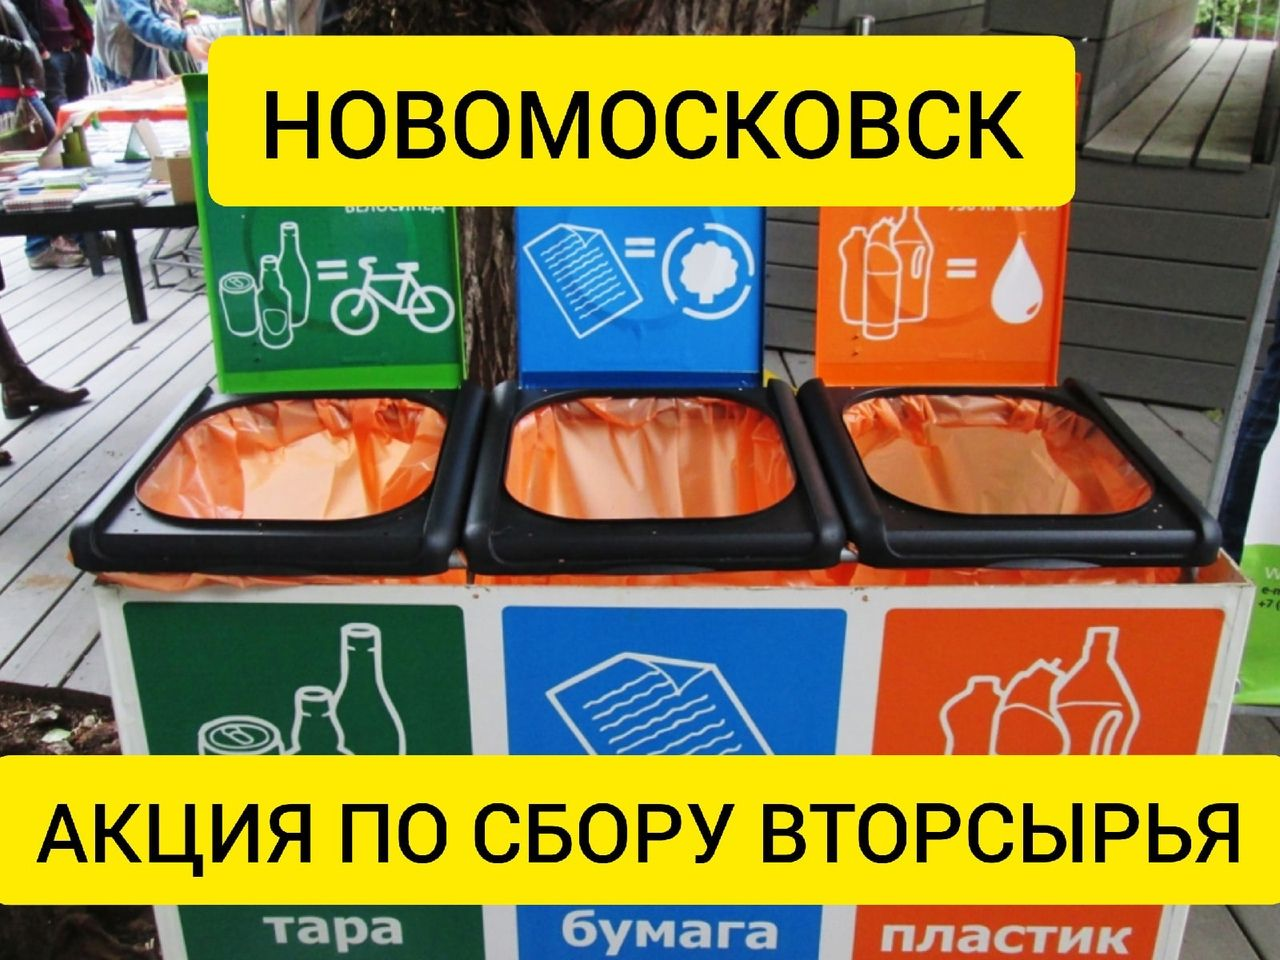 5 июня в Новомосковске состоится  акция по сбору вторсырья